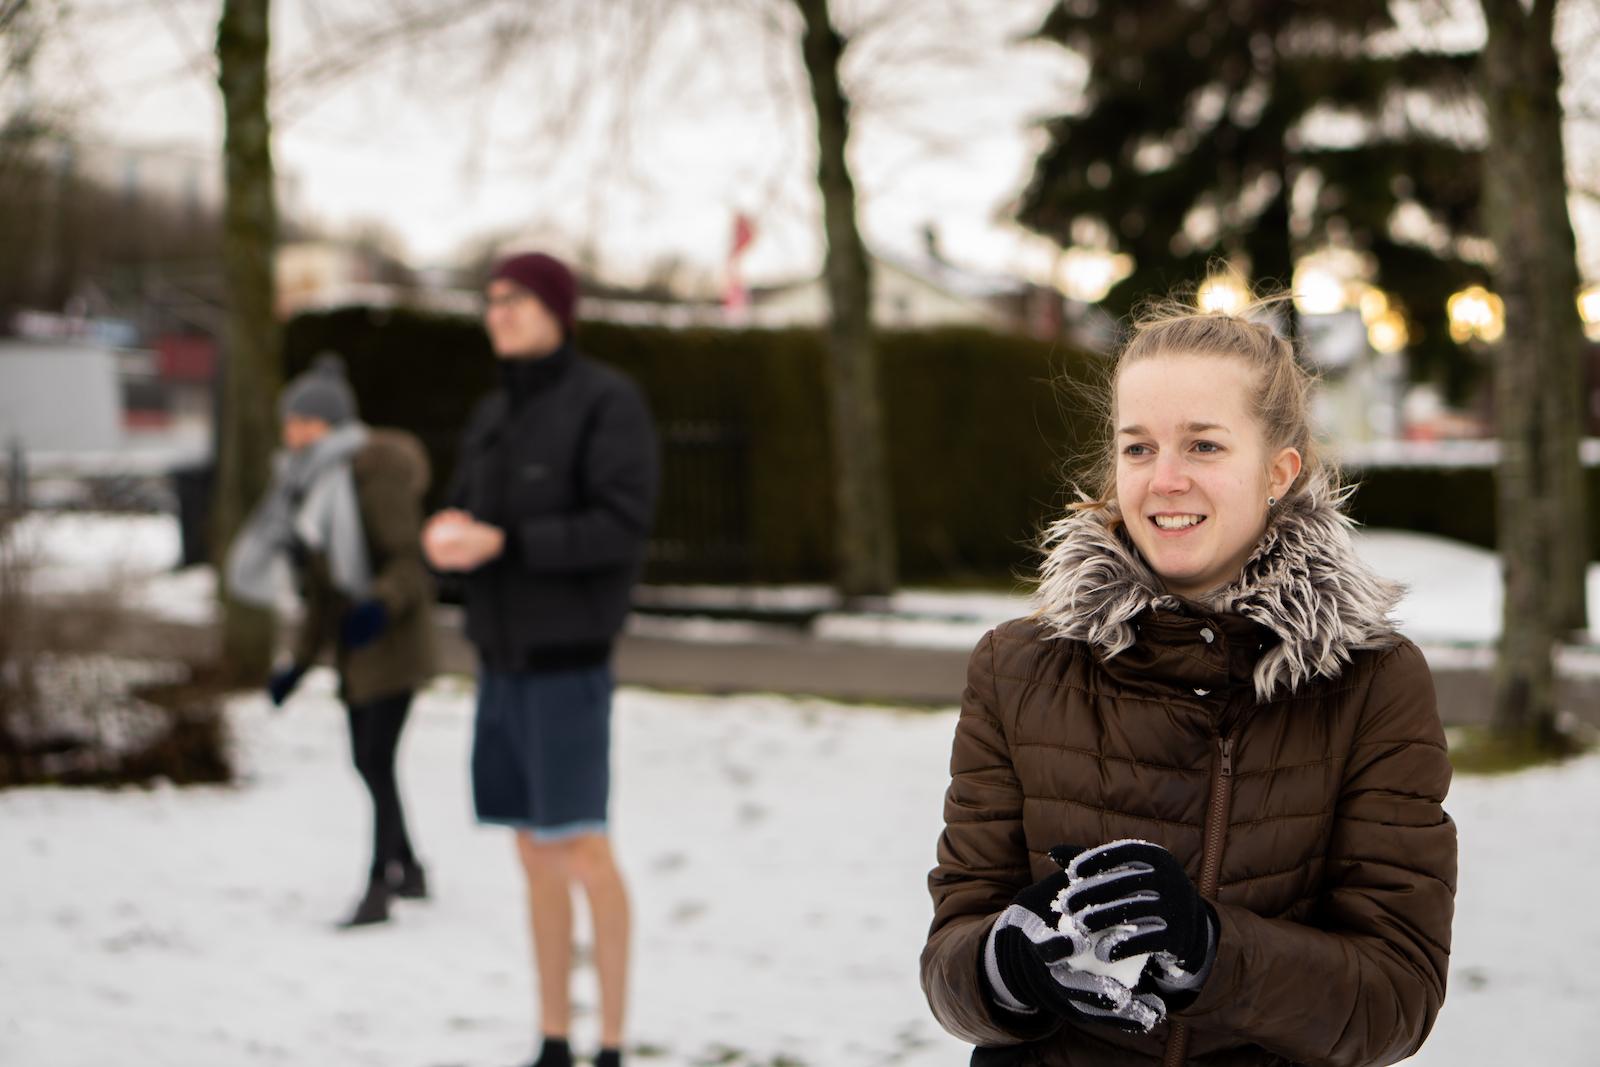 Freiwillige bei einer Schneeballschlacht